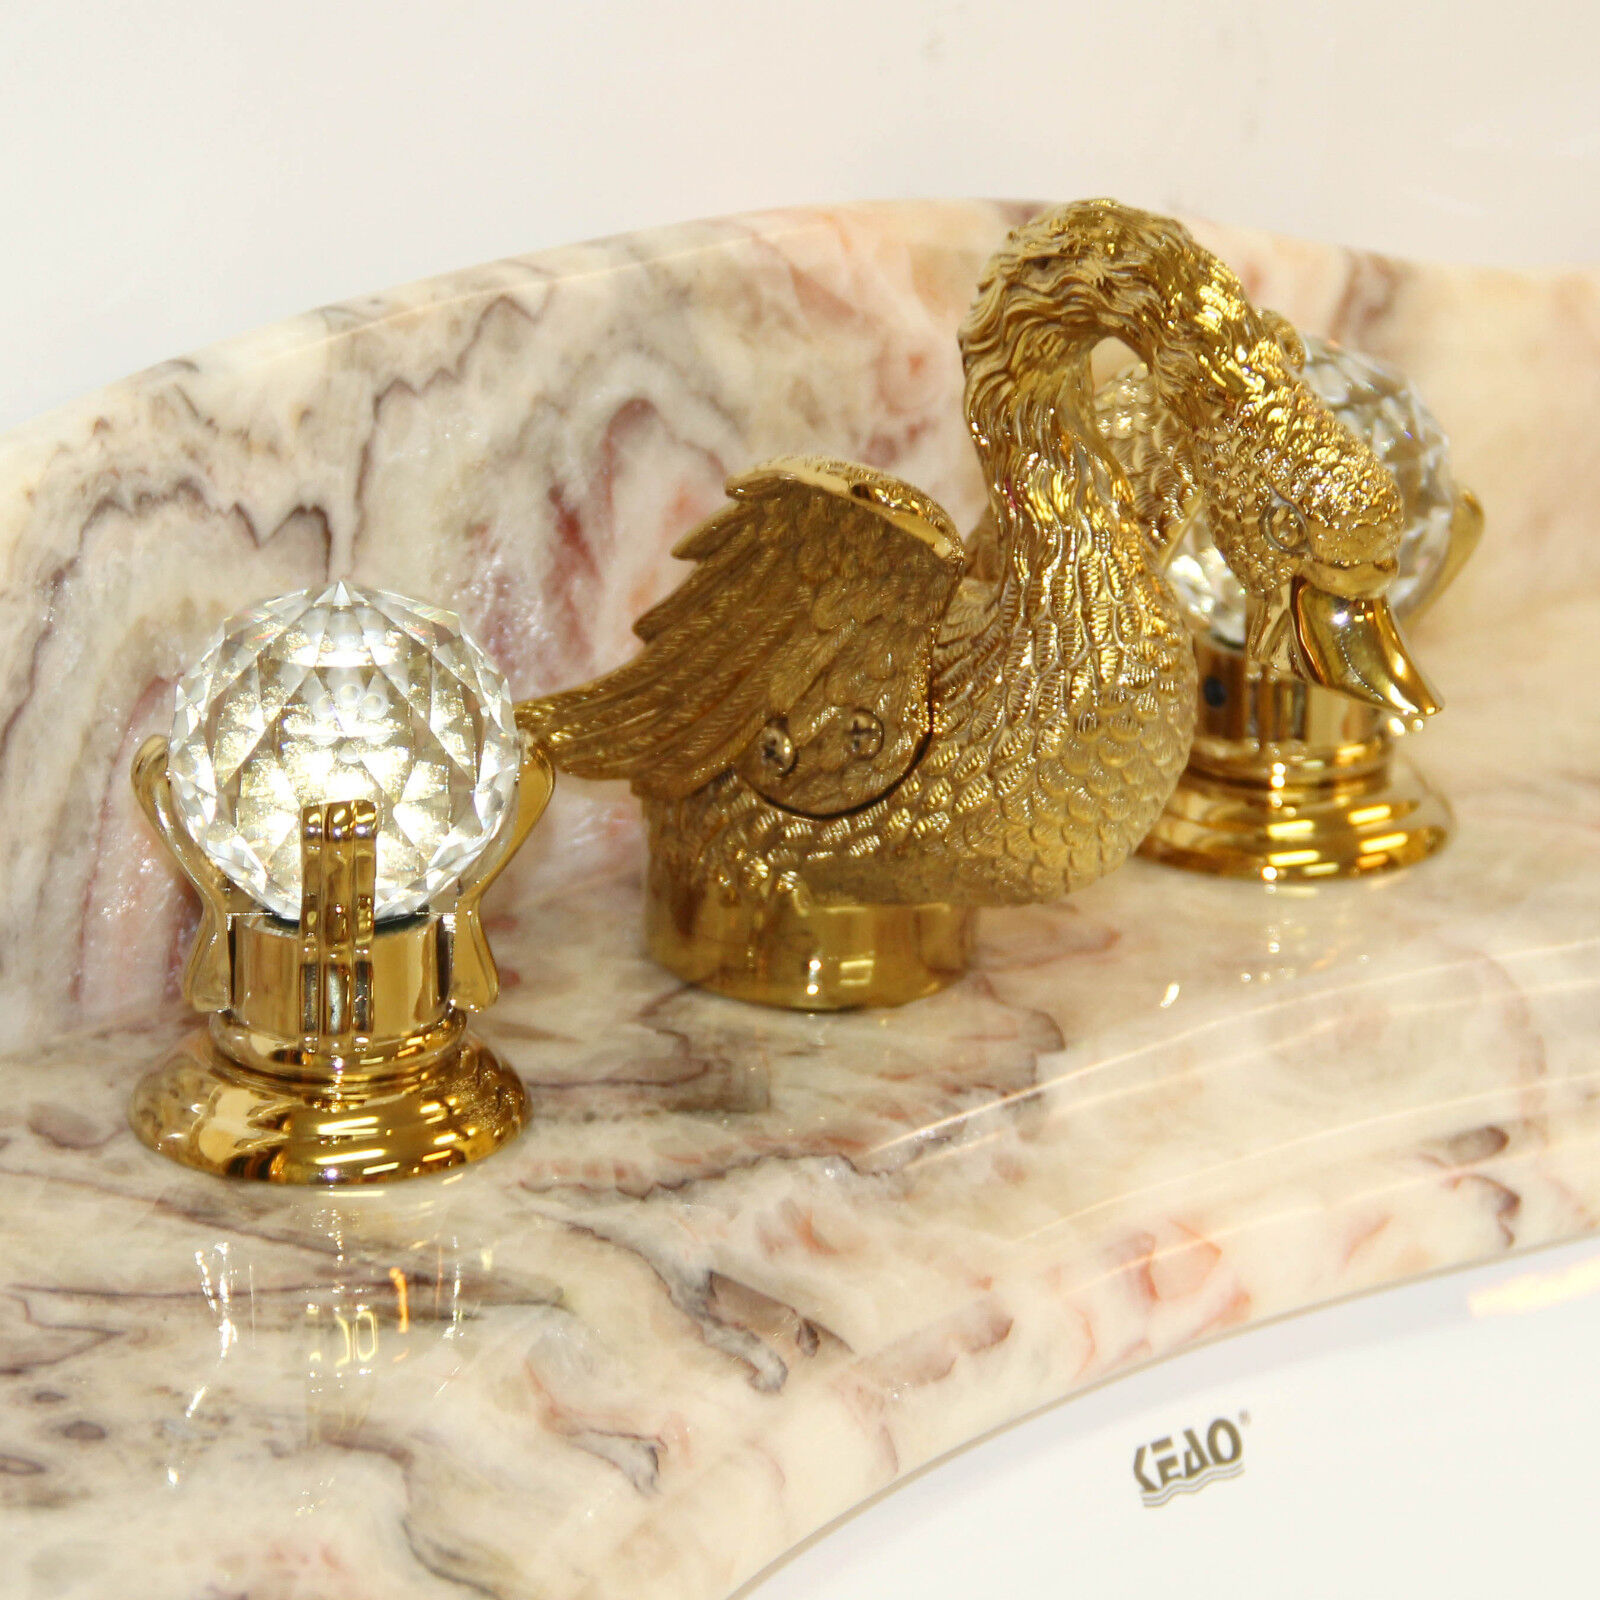 Exklusiver goldener Wasserhahn Badarmatur Gold Ente Kristallgriffe Mischbatterie